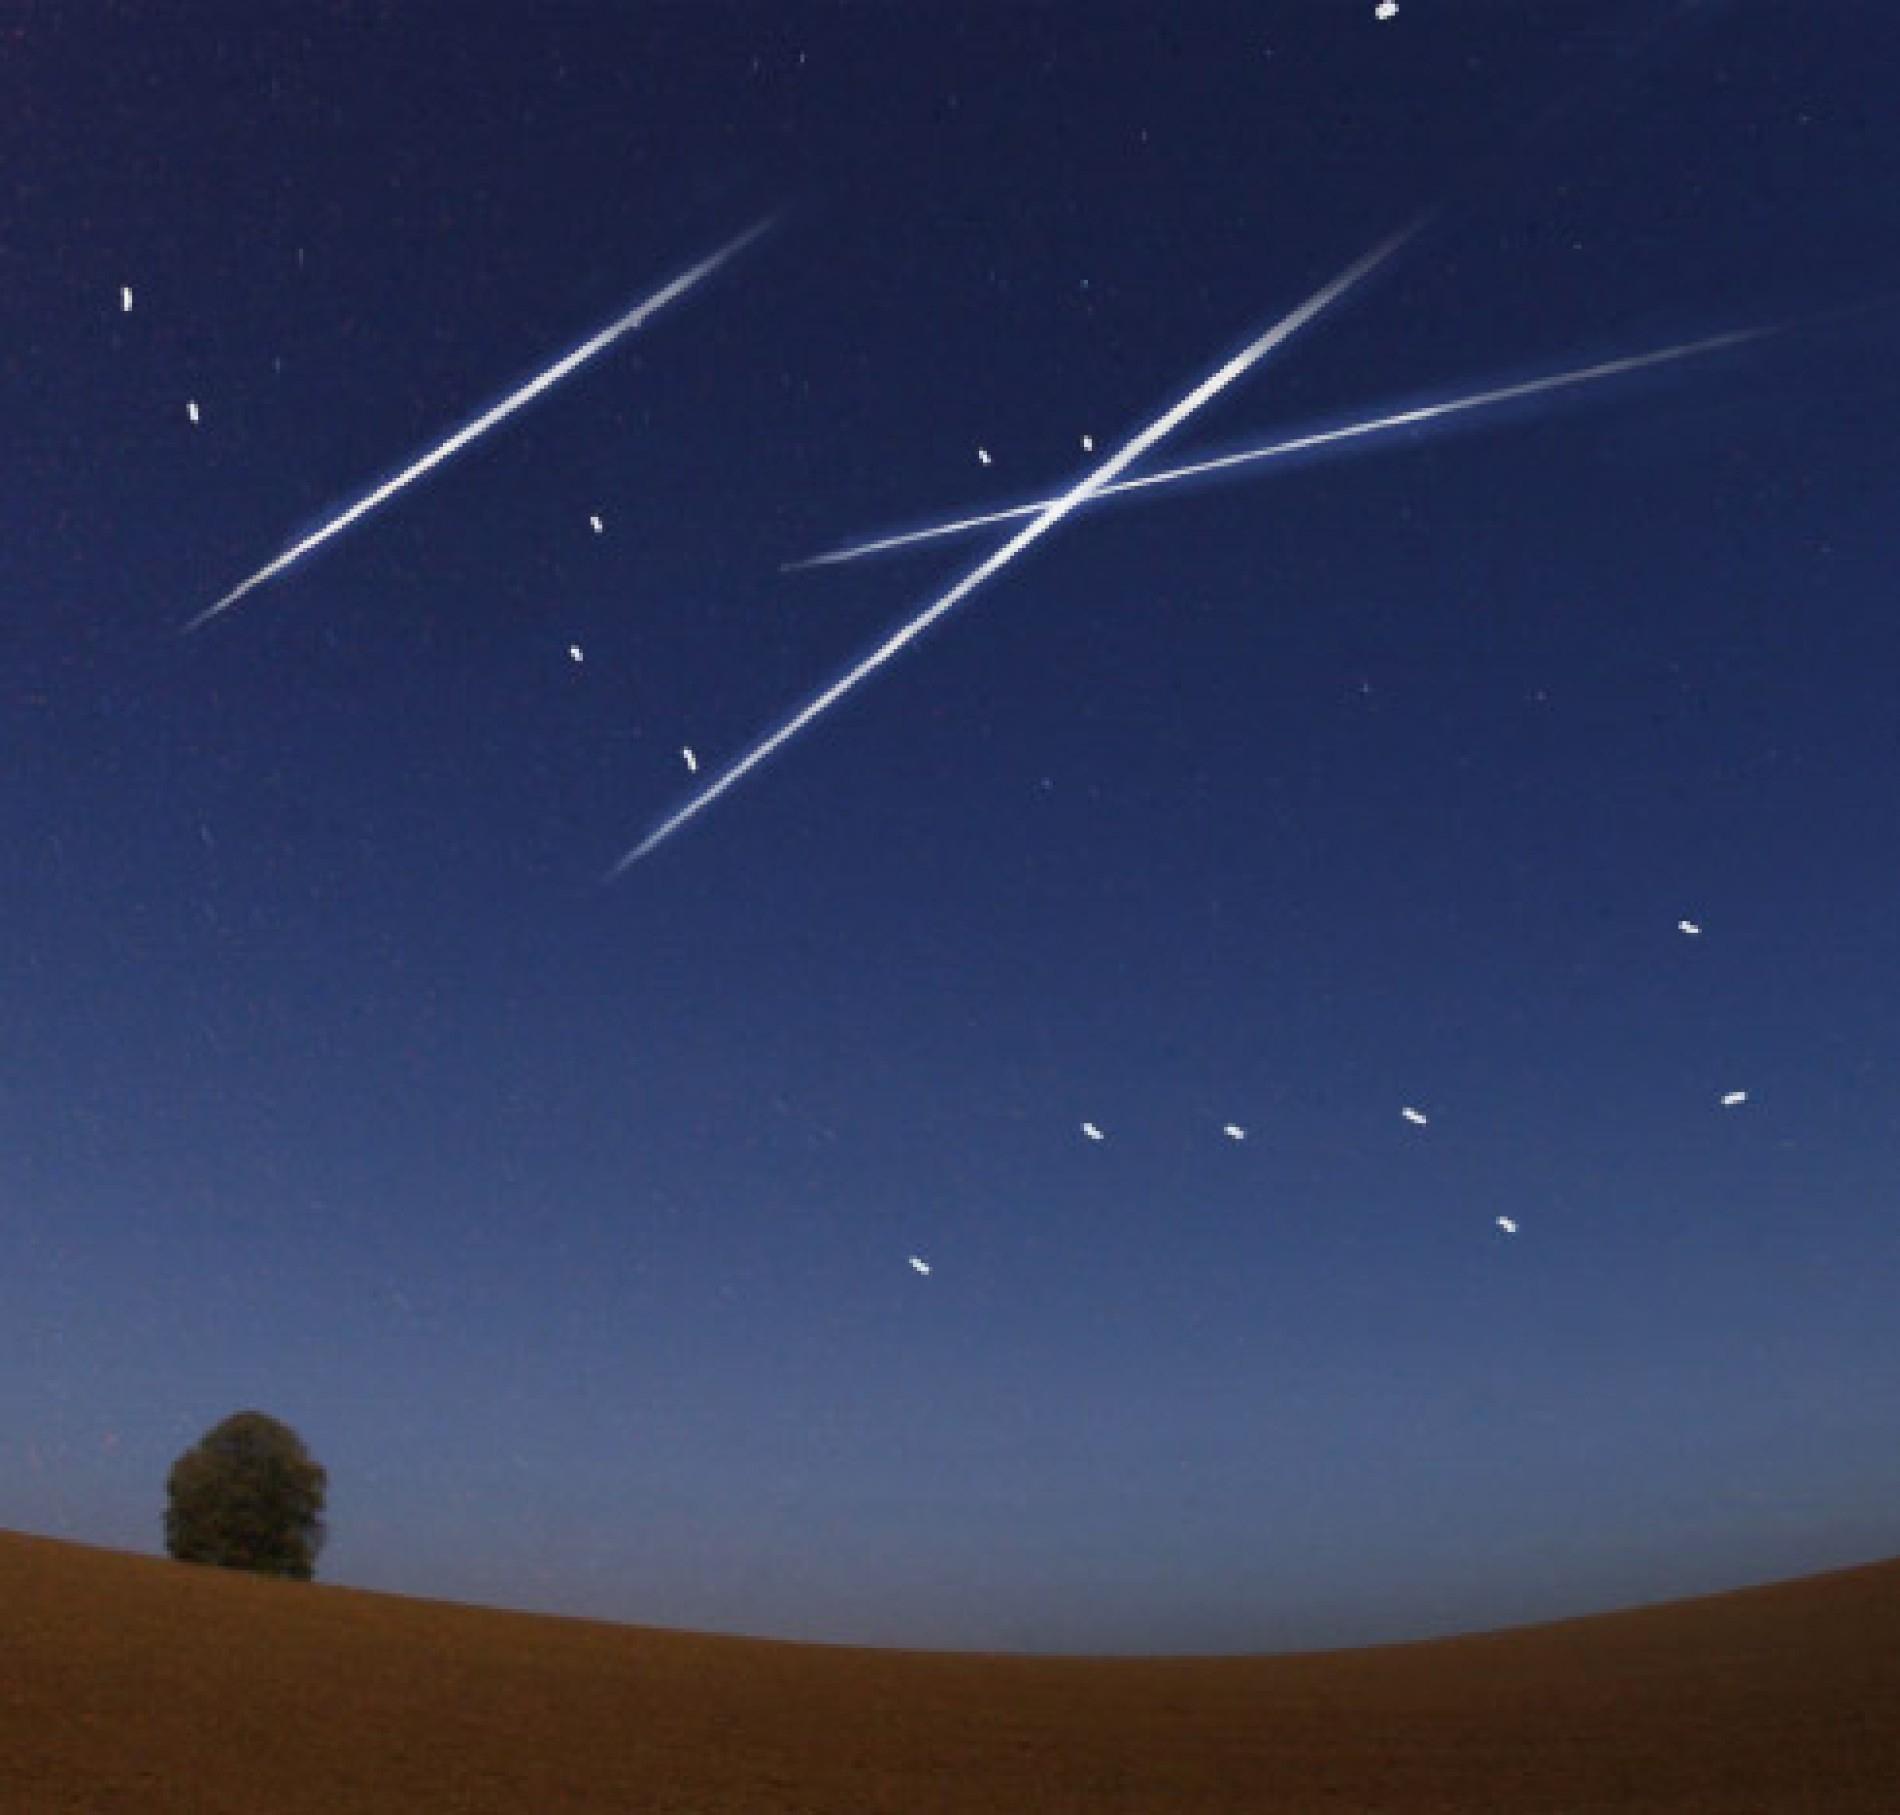 Die Beste Zeit Für Wünsche in Sternschnuppe Bilder Gratis